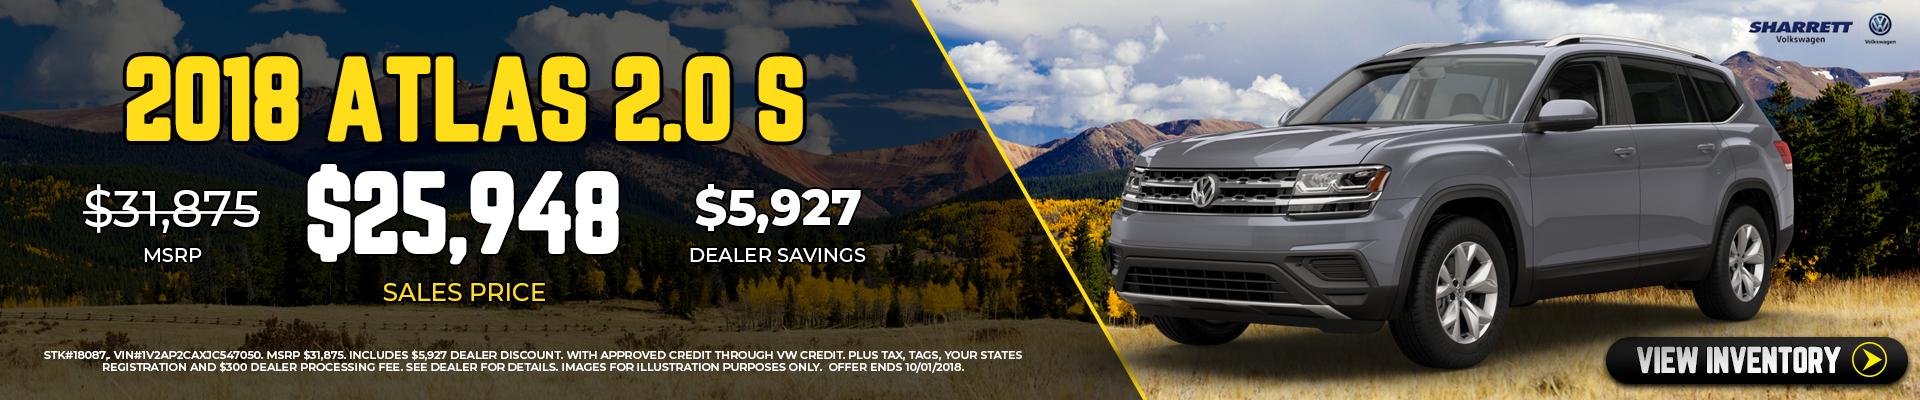 Get a new 2018 Atlas 2.0S for $25,948 | Sharrett Volkswagen